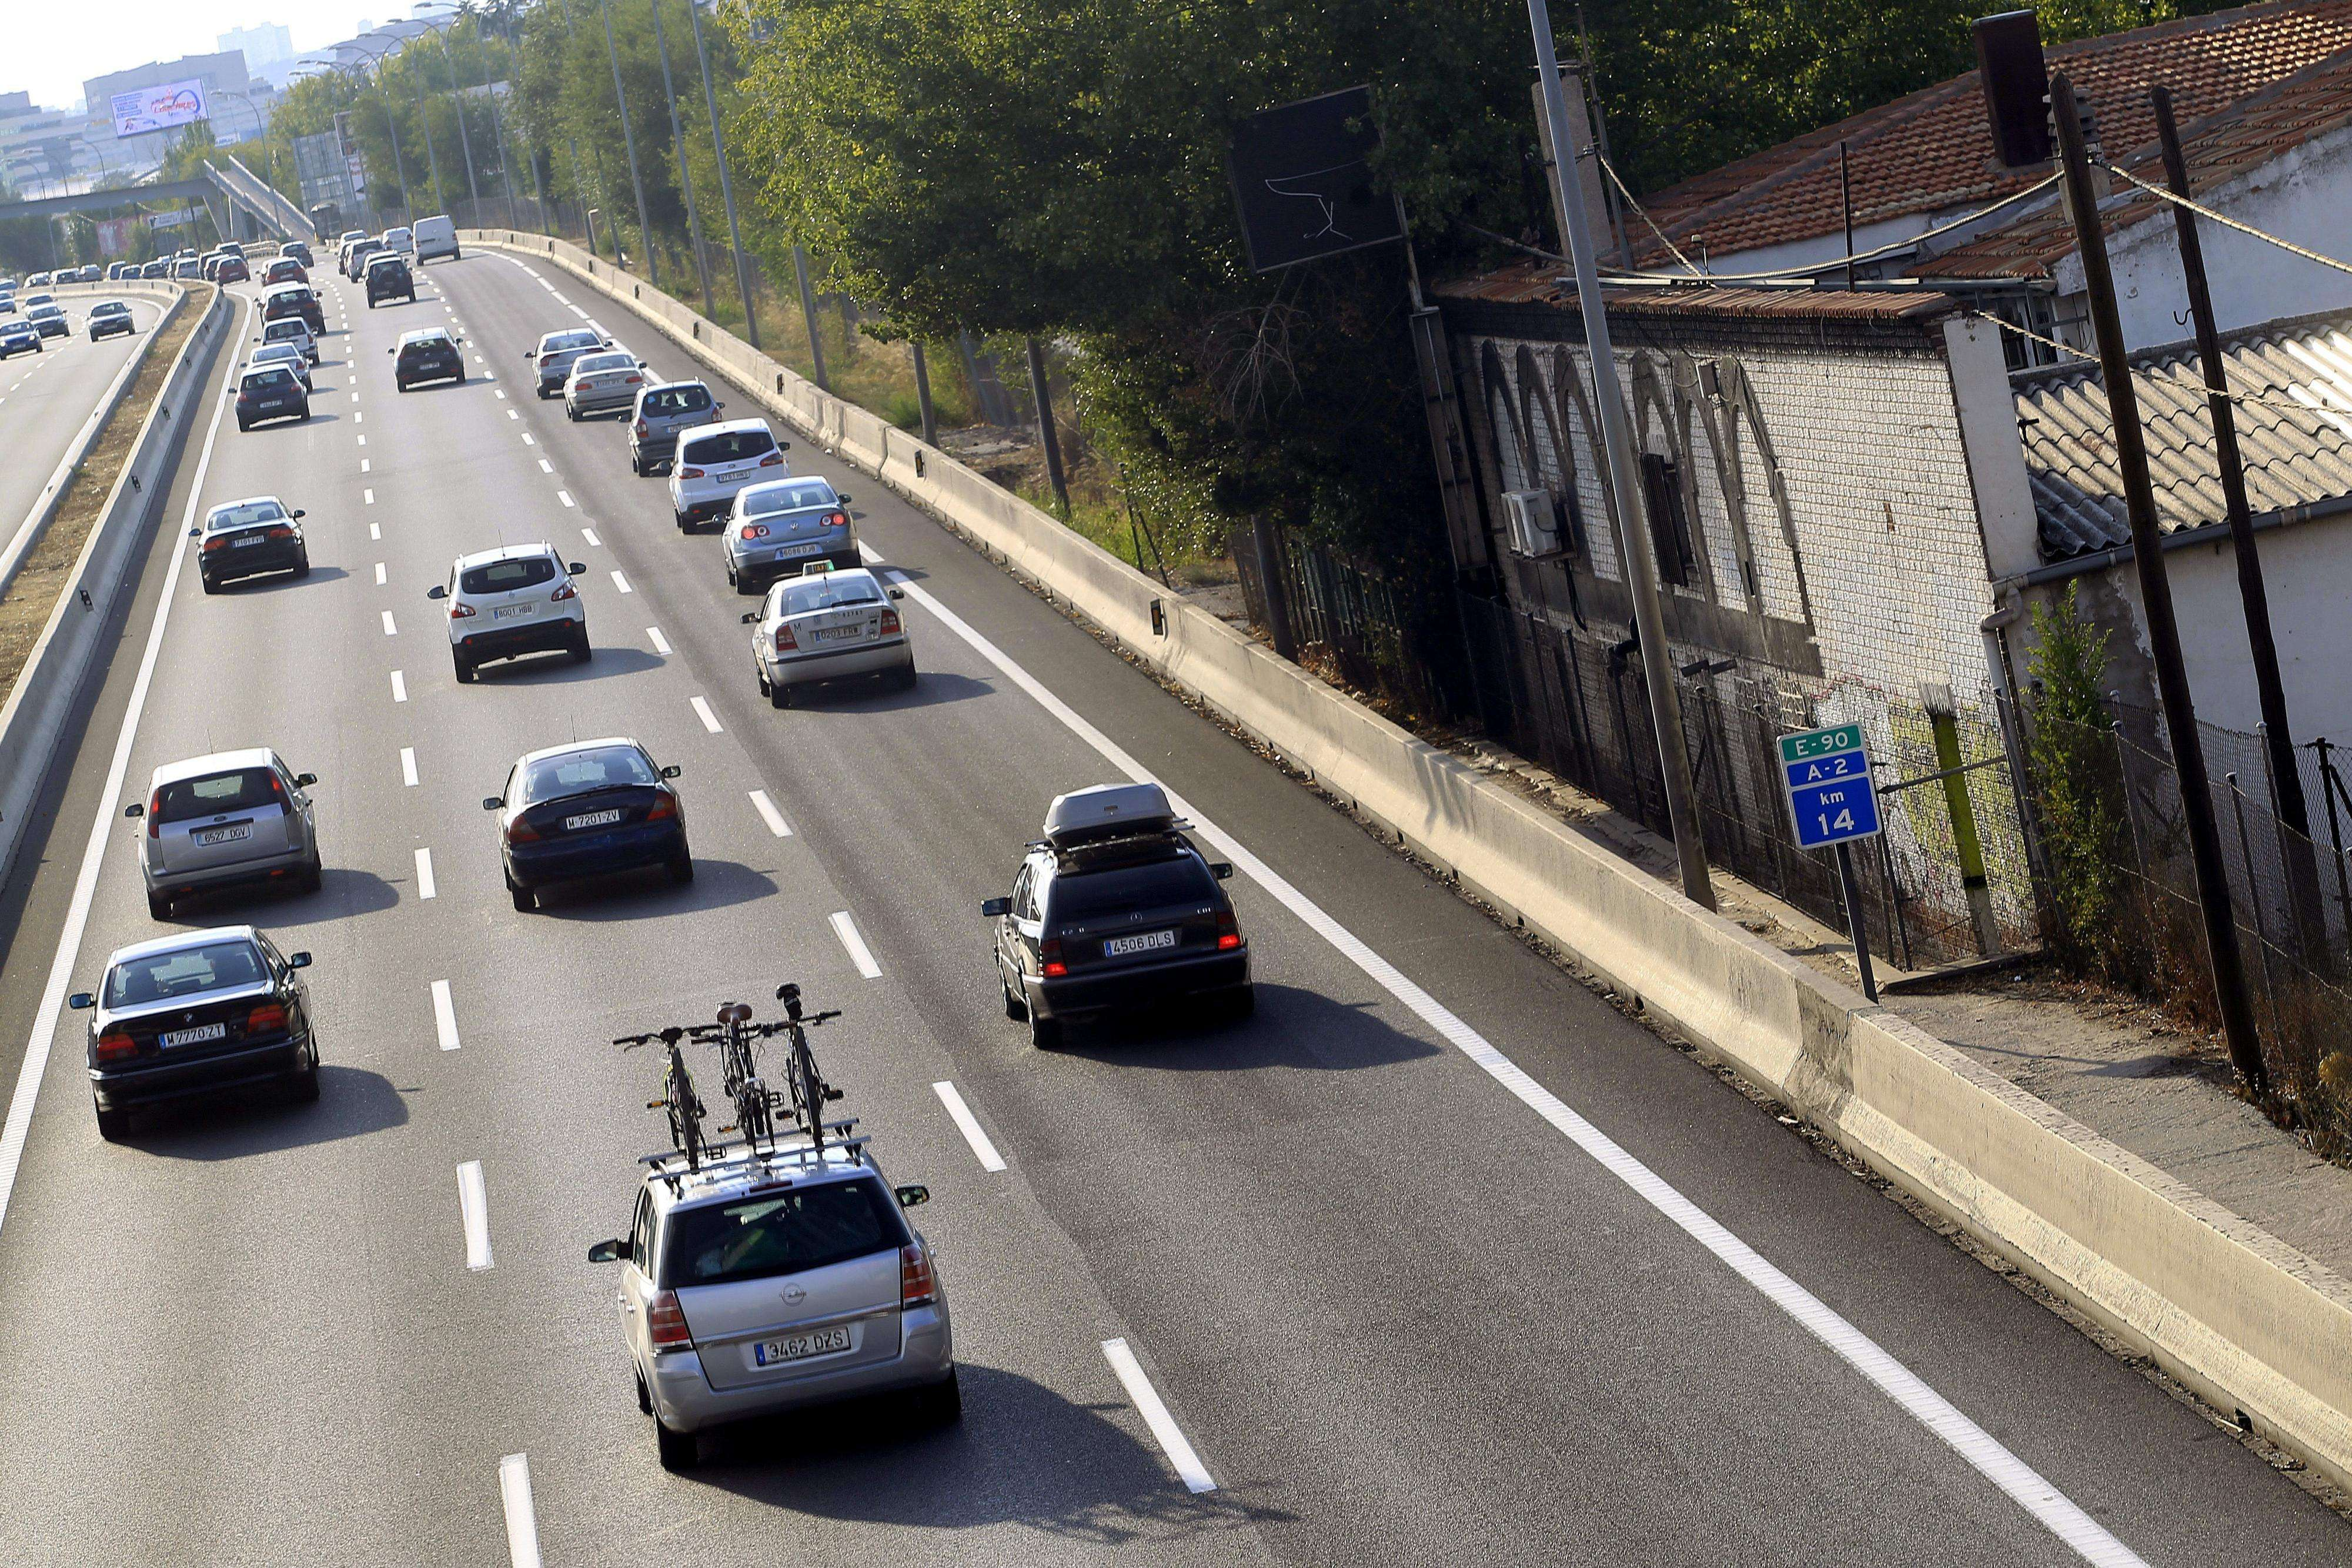 Estado de la circulación en la A-2, Carretera de Barcelona, dirección Madrid en una jornada en la que concluye el dispositivo especial de Tráfico con motivo del retorno de las vacaciones de verano. Foto: EFE